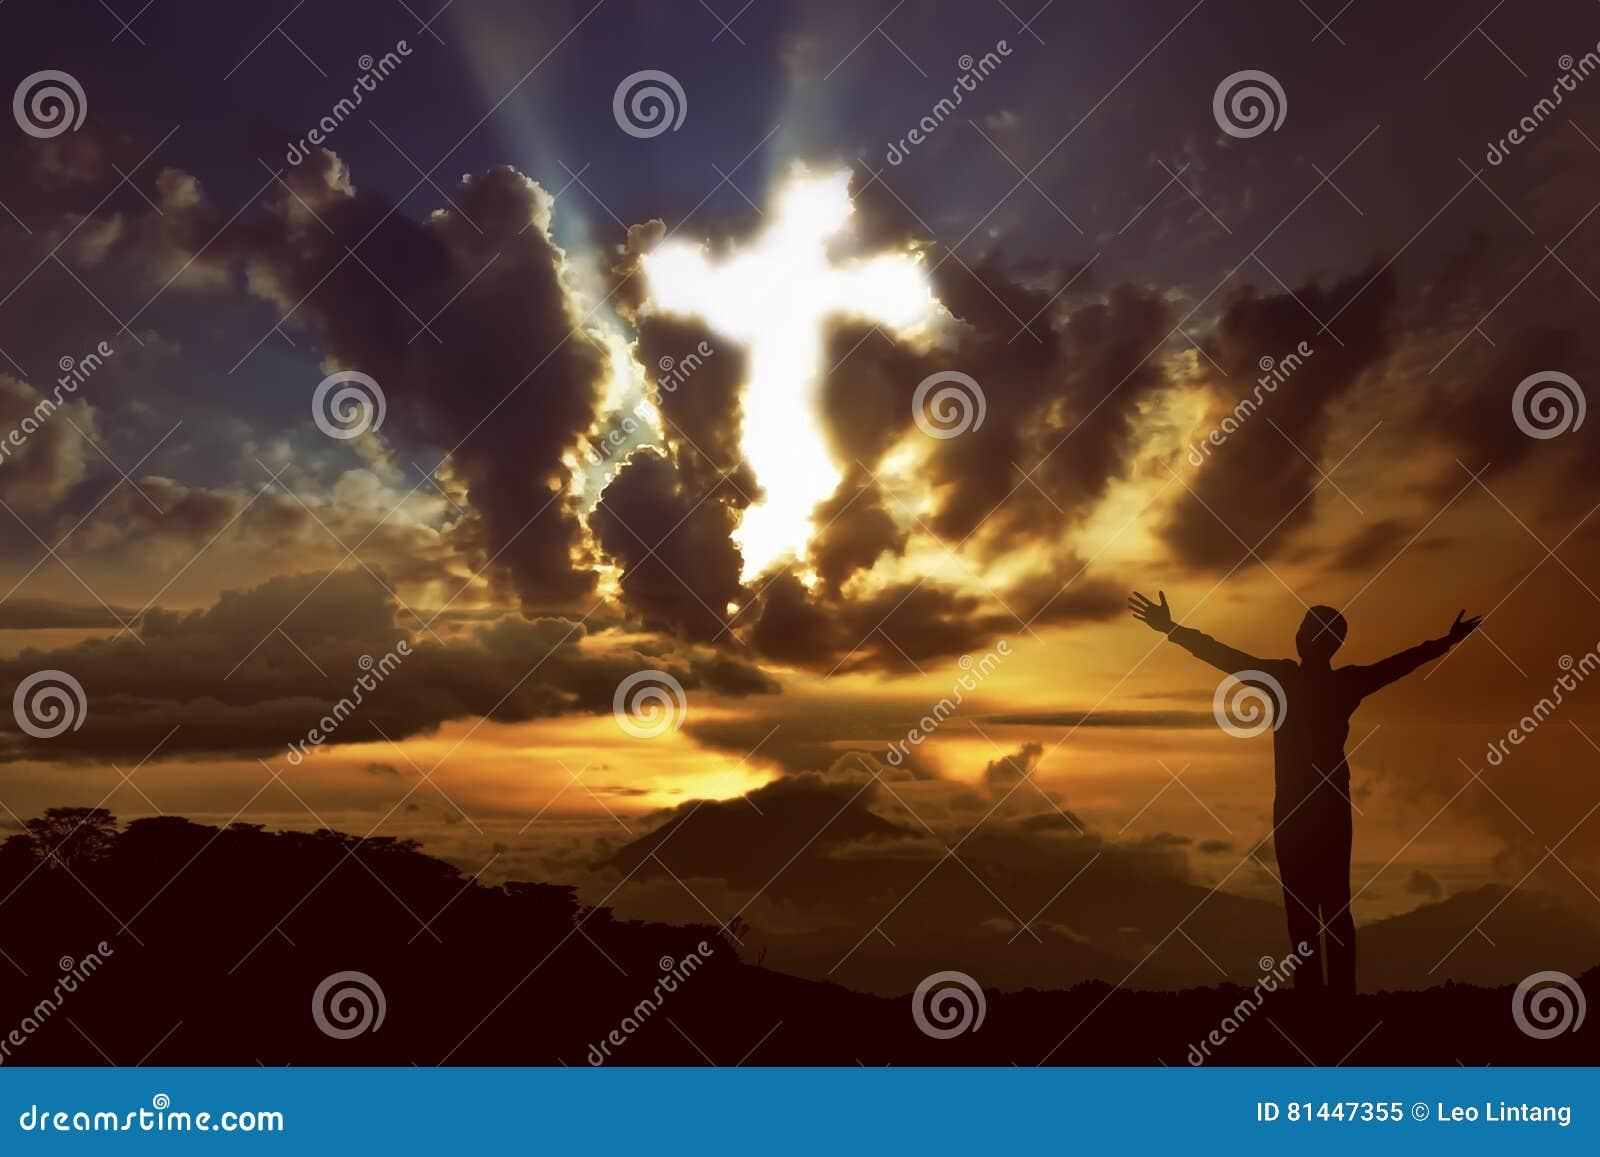 Άτομο που προσεύχεται στο Θεό με την ακτίνα του φωτός που διαμορφώνει το σταυρό στον ουρανό